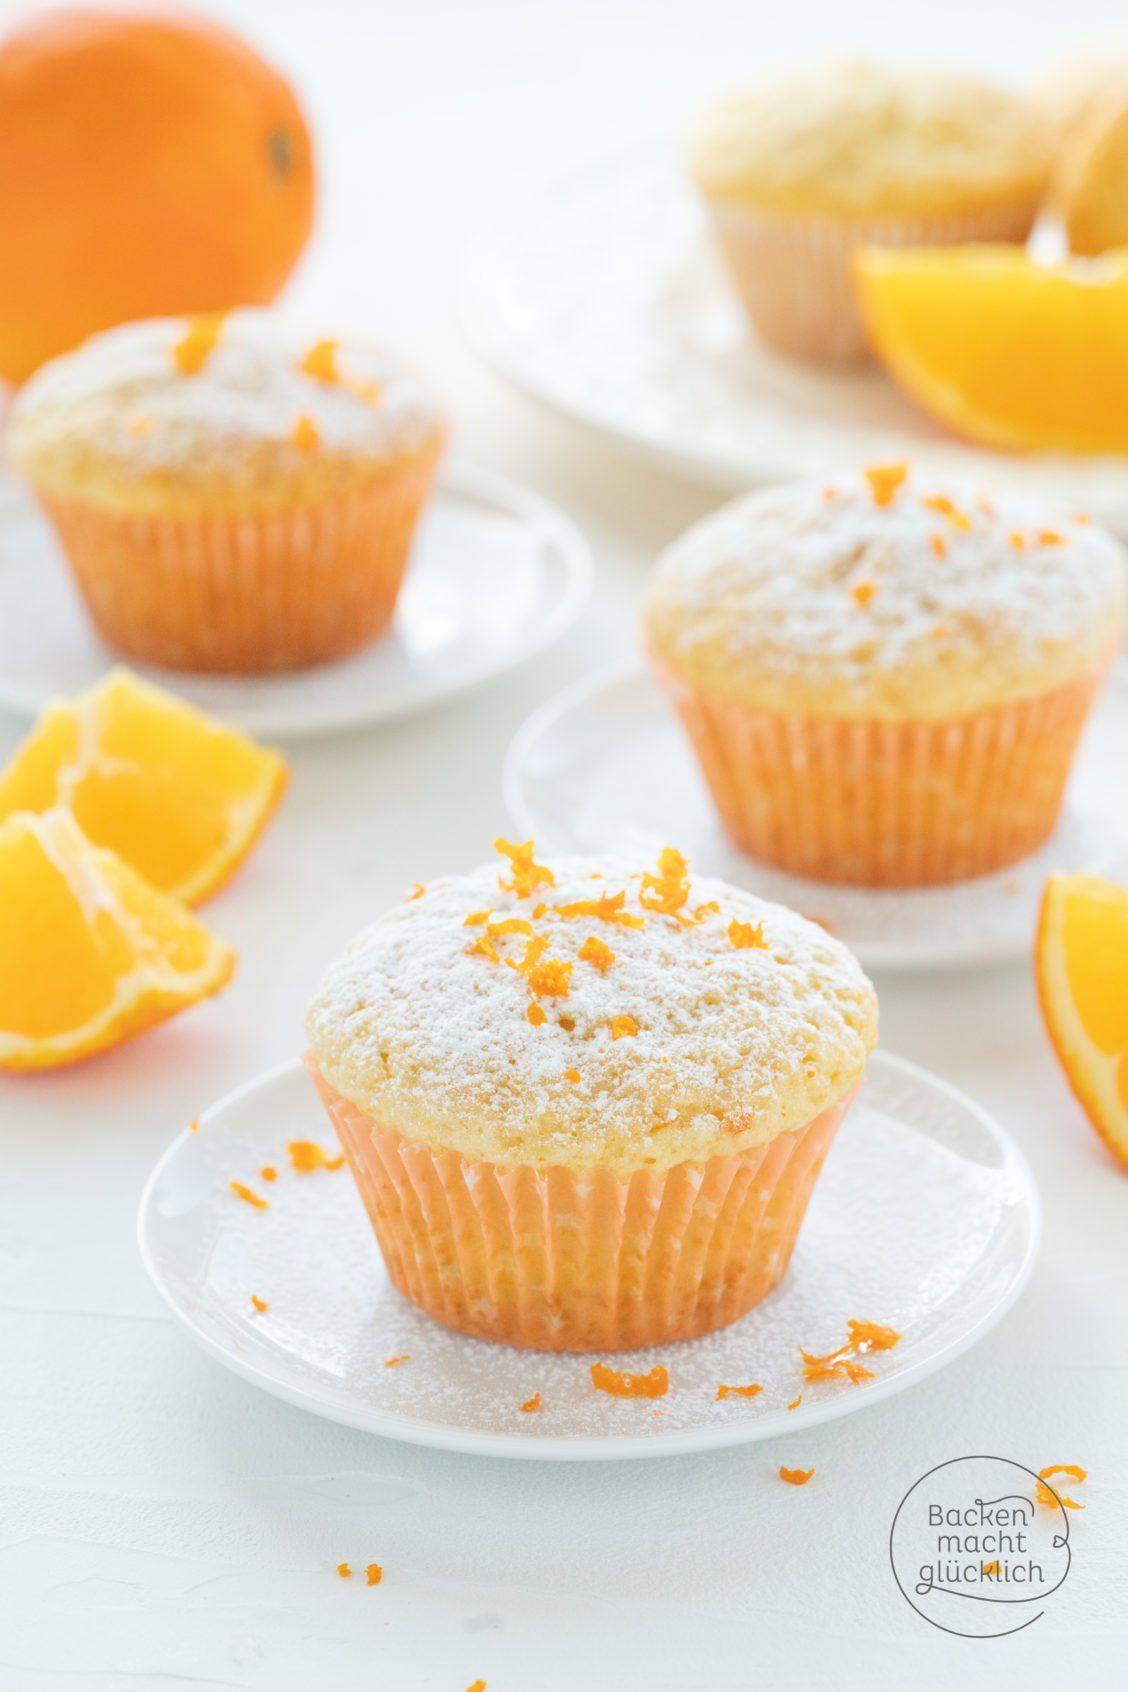 Schnelle, fluffige Orangenmuffins | Backen macht glücklich